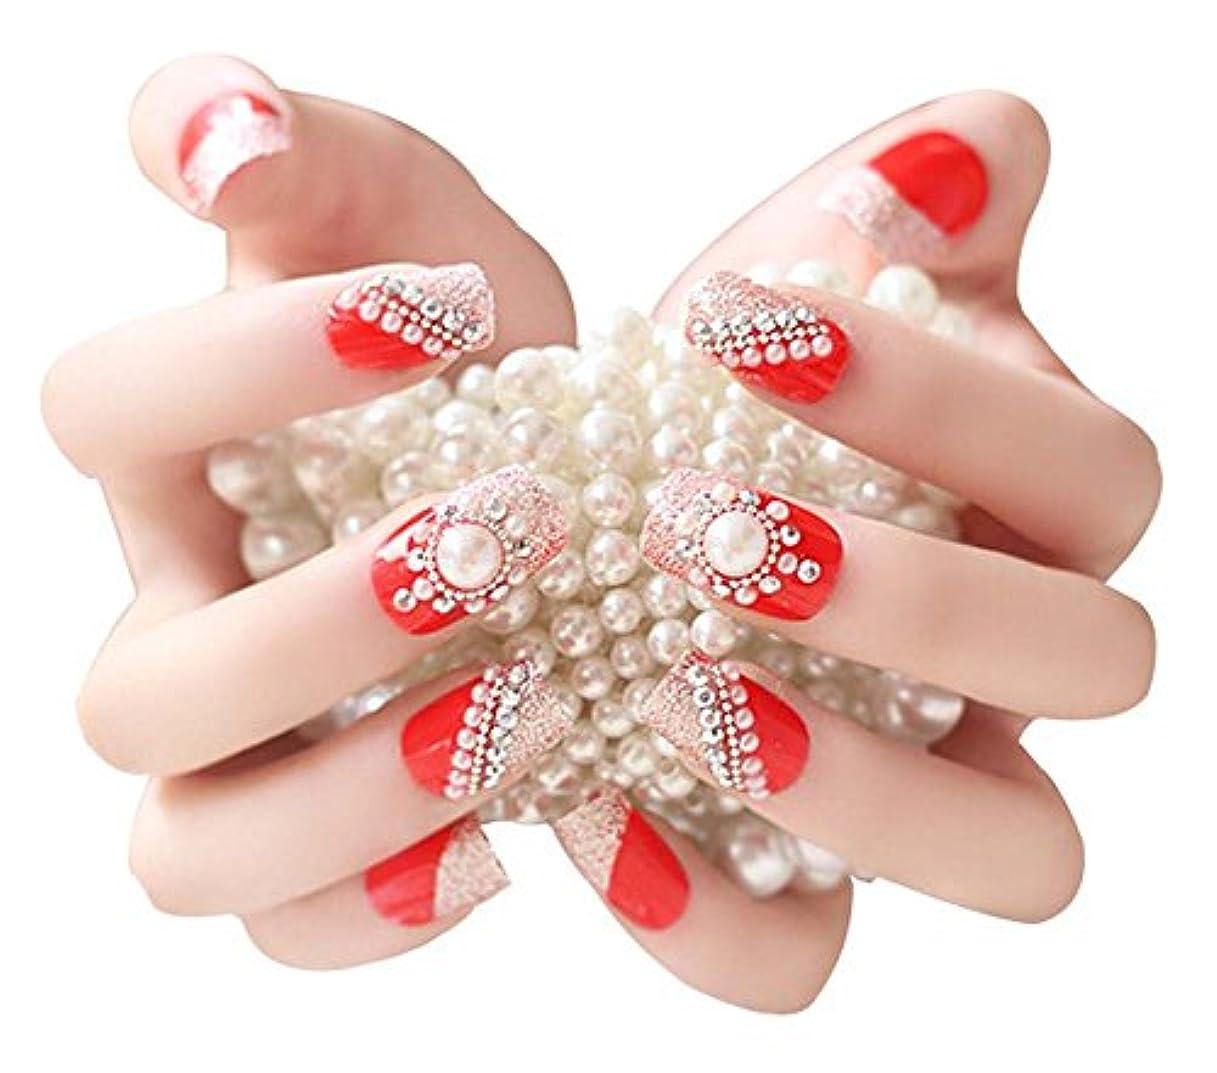 マニフェストしない代理店人工真珠ラインストーンつけ爪結婚式のメイクアップネイルアート、赤、2パック - 48枚